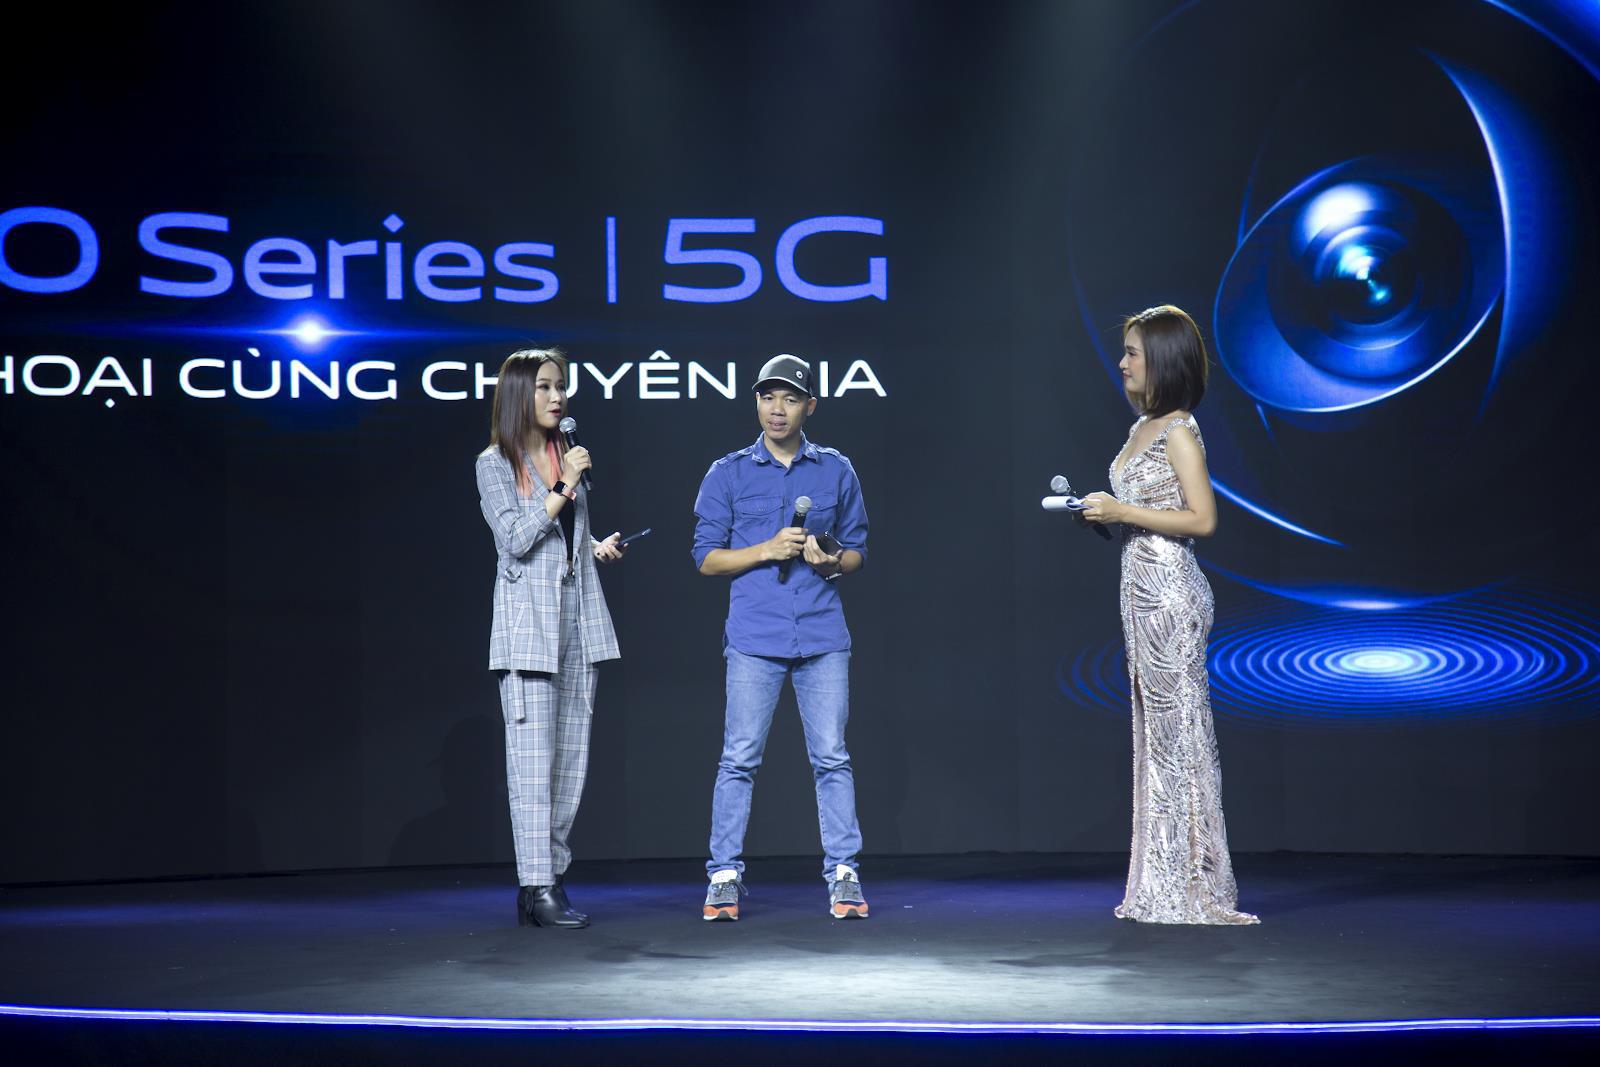 vivo X50 và vivo X50 Pro chính thức ra mắt tại Việt Nam: Camera Gimbal, chụp đêm siêu việt giá 12,99 và 19,99 triệu đồng cho hai phiên bản - Ảnh 3.